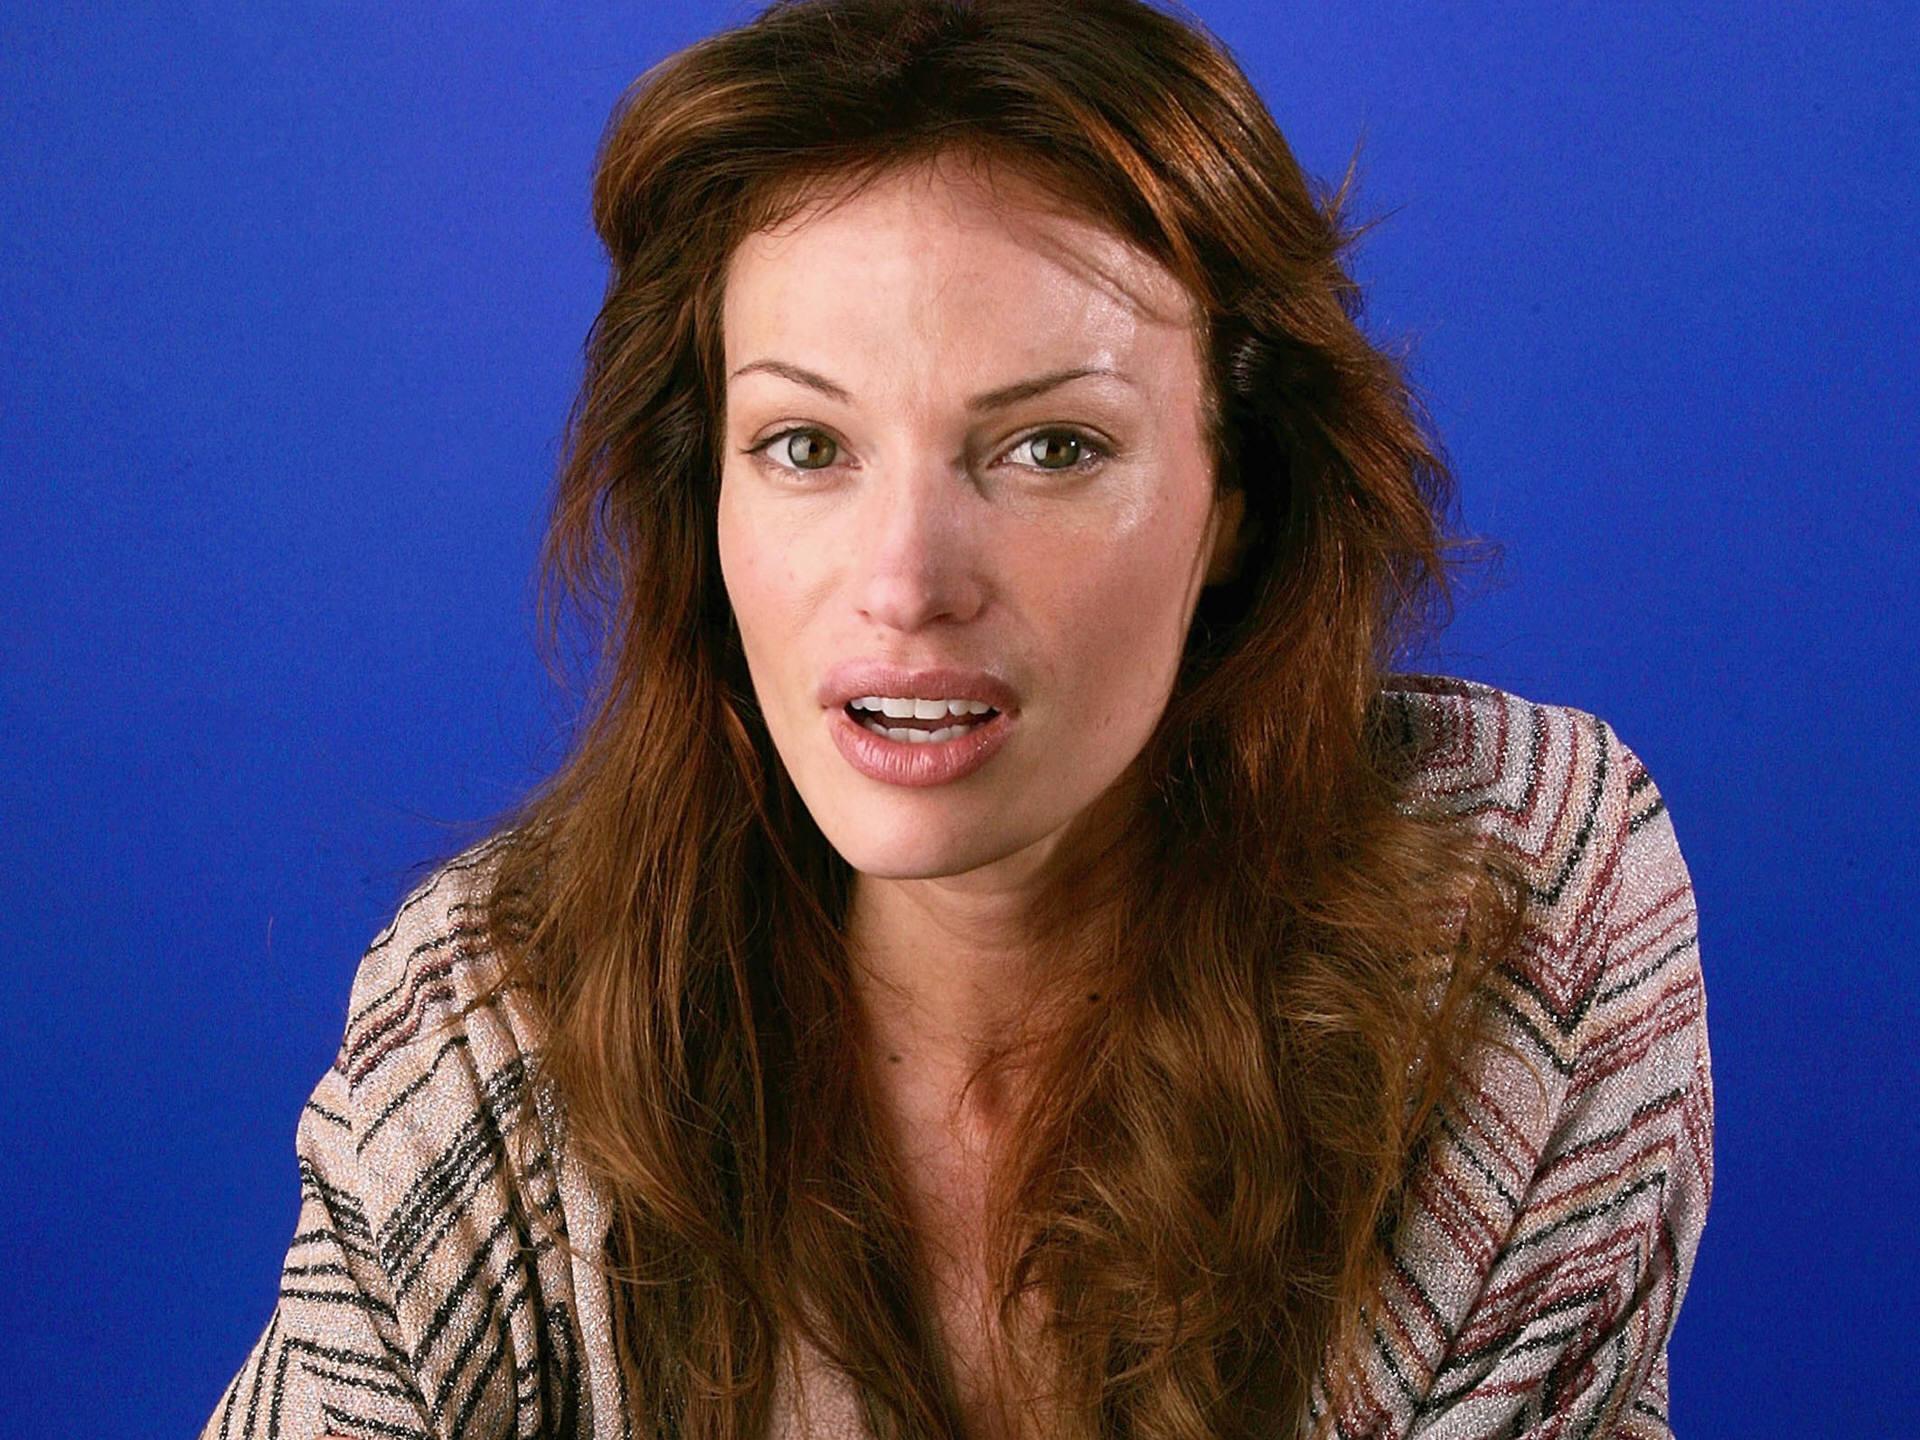 Poze Jolene Blalock - Actor - Poza 100 din 132 - CineMagia.ro